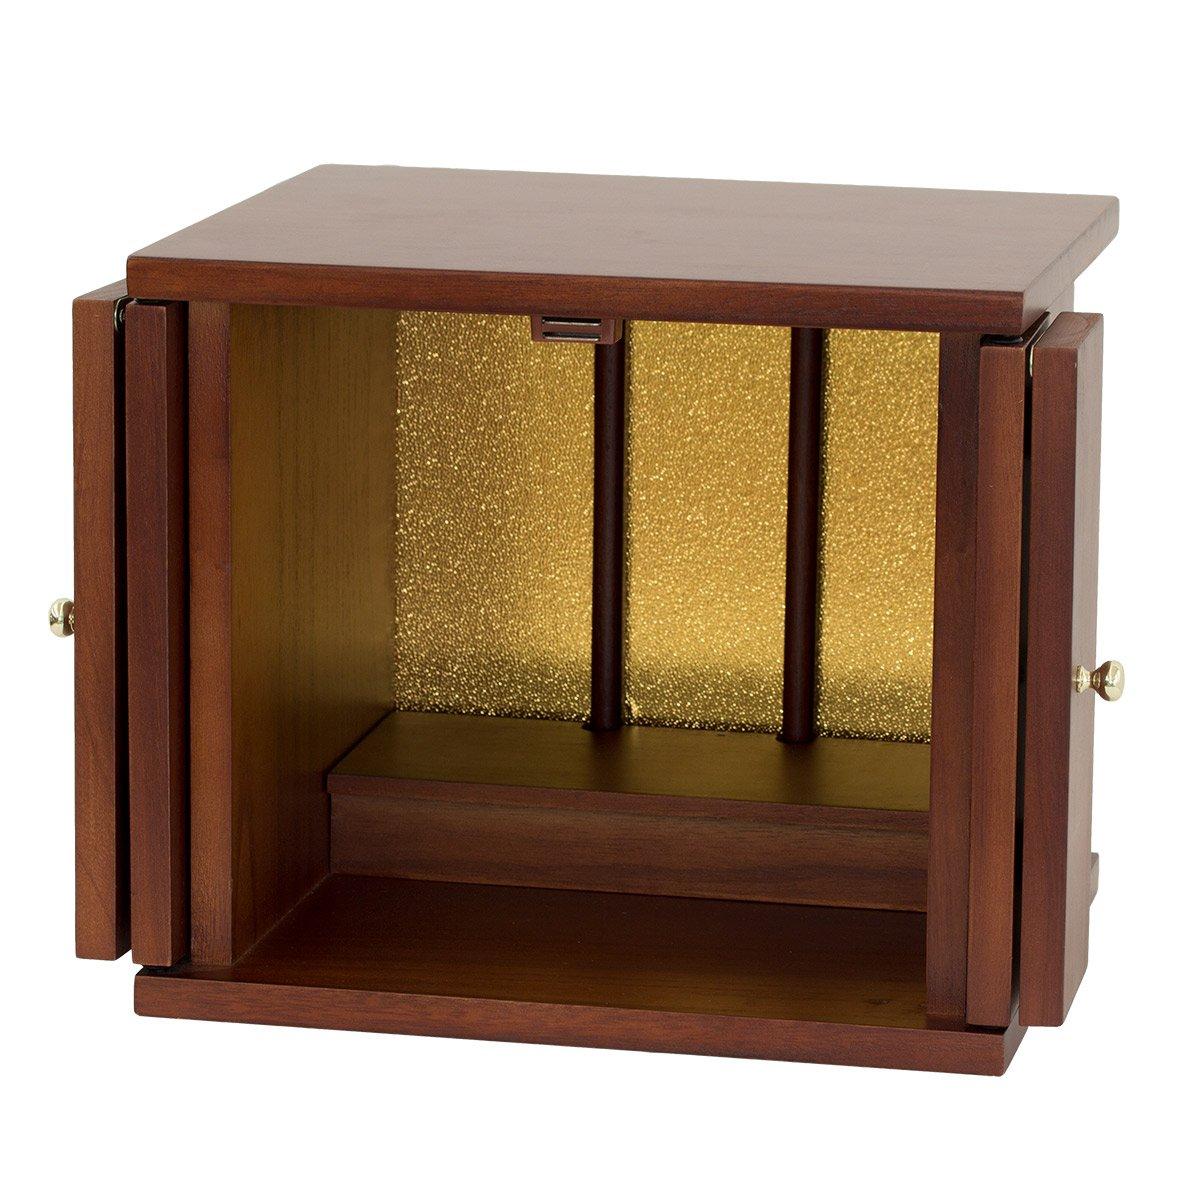 クロシオ 小型仏壇 ちいさやか 改訂版 幅30cm ミニ仏壇 095499 B076J8Z35V